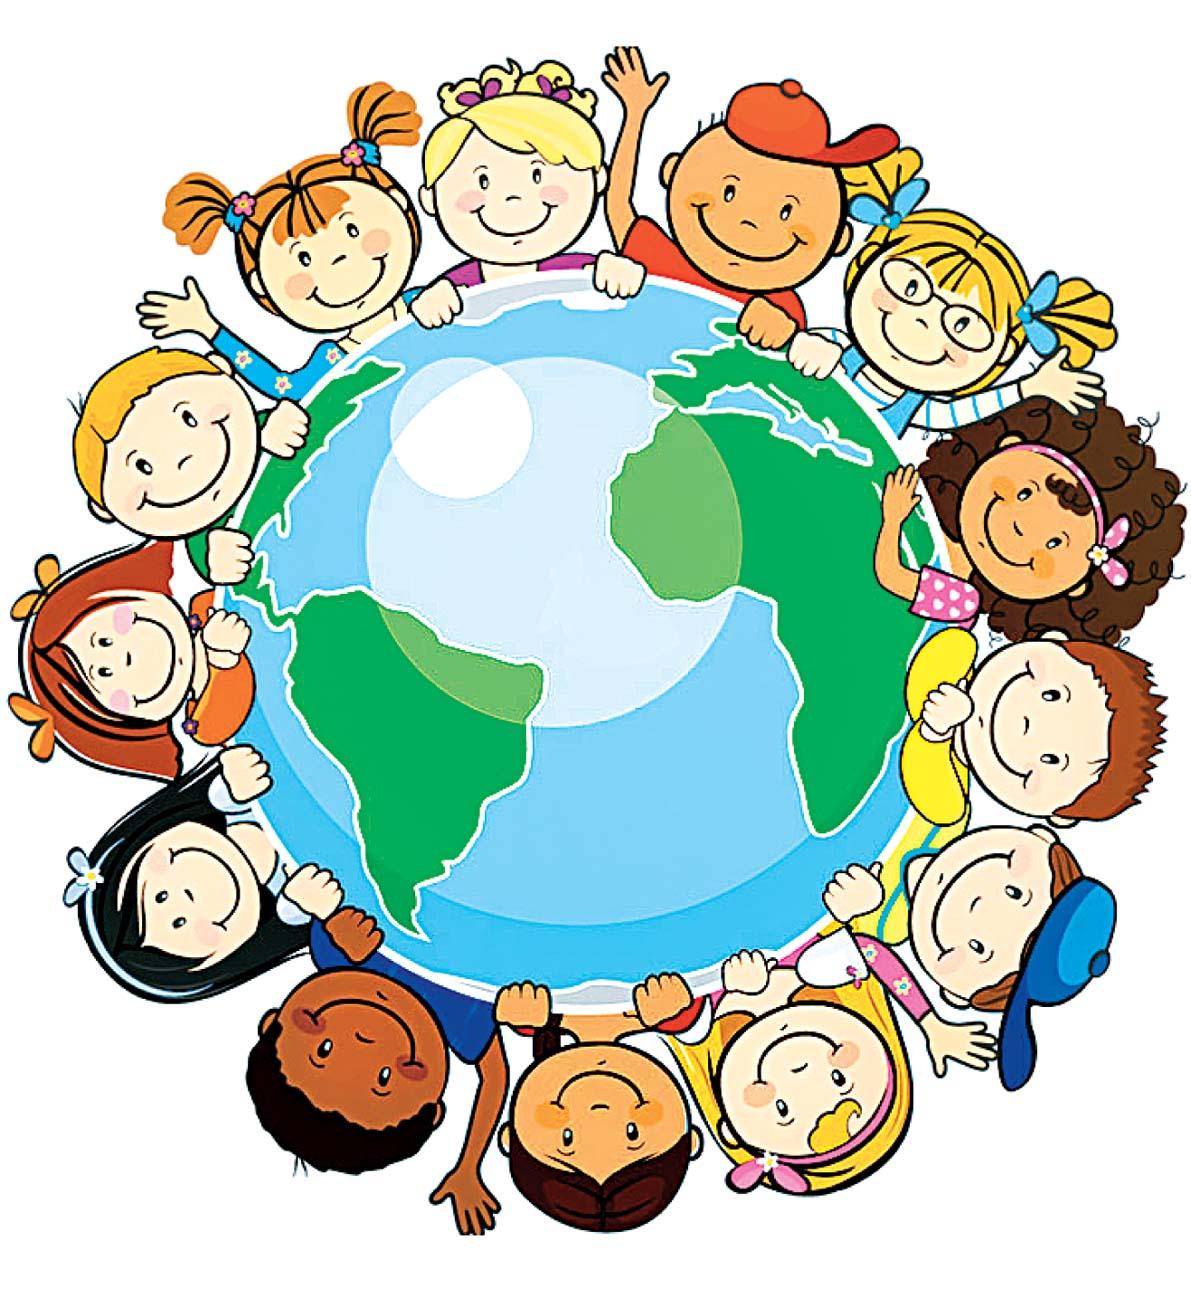 عکس پوستر روز جهانی کودک 2017